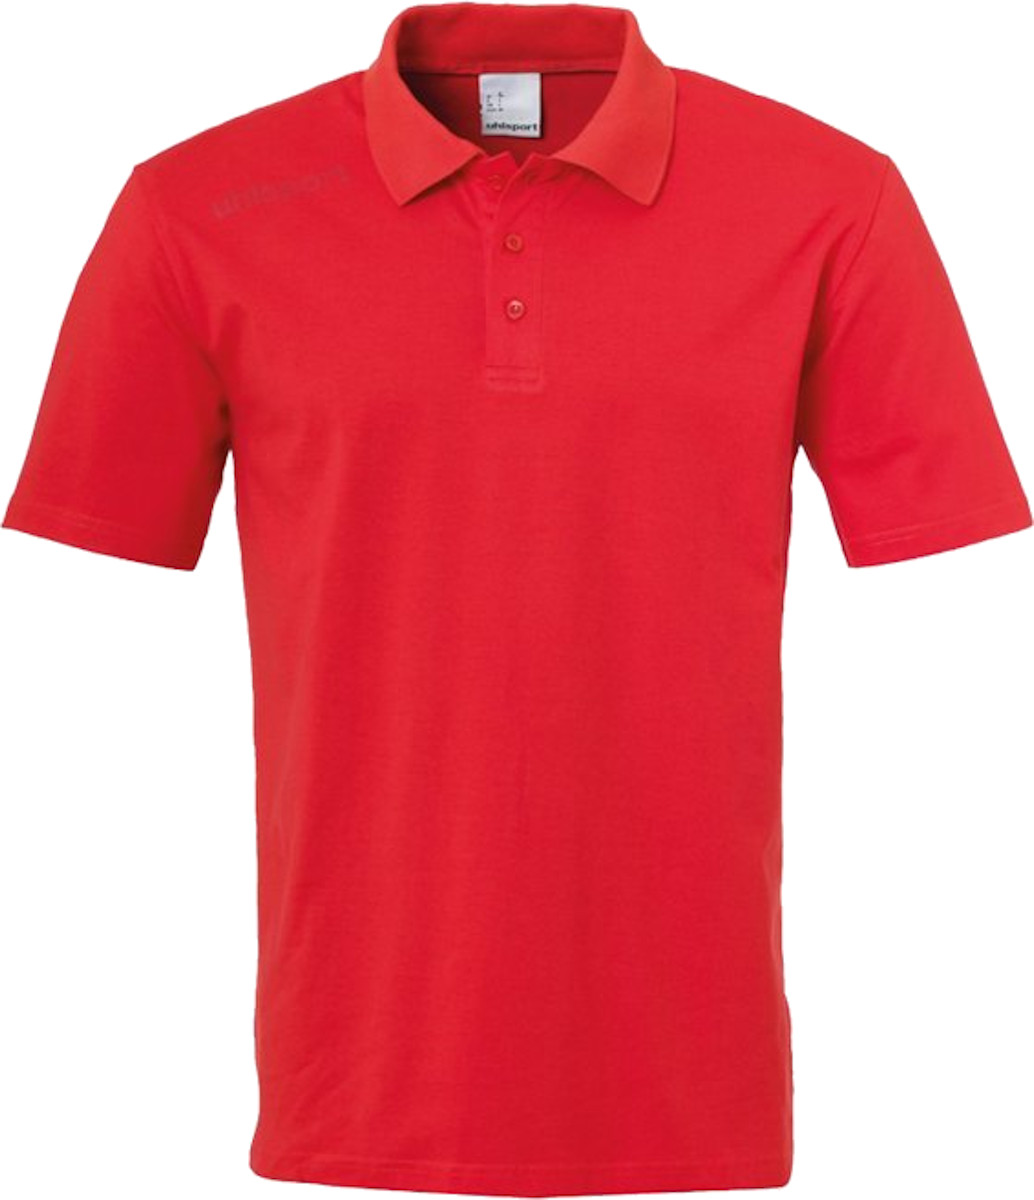 Polo shirt Uhlsport Essential polo